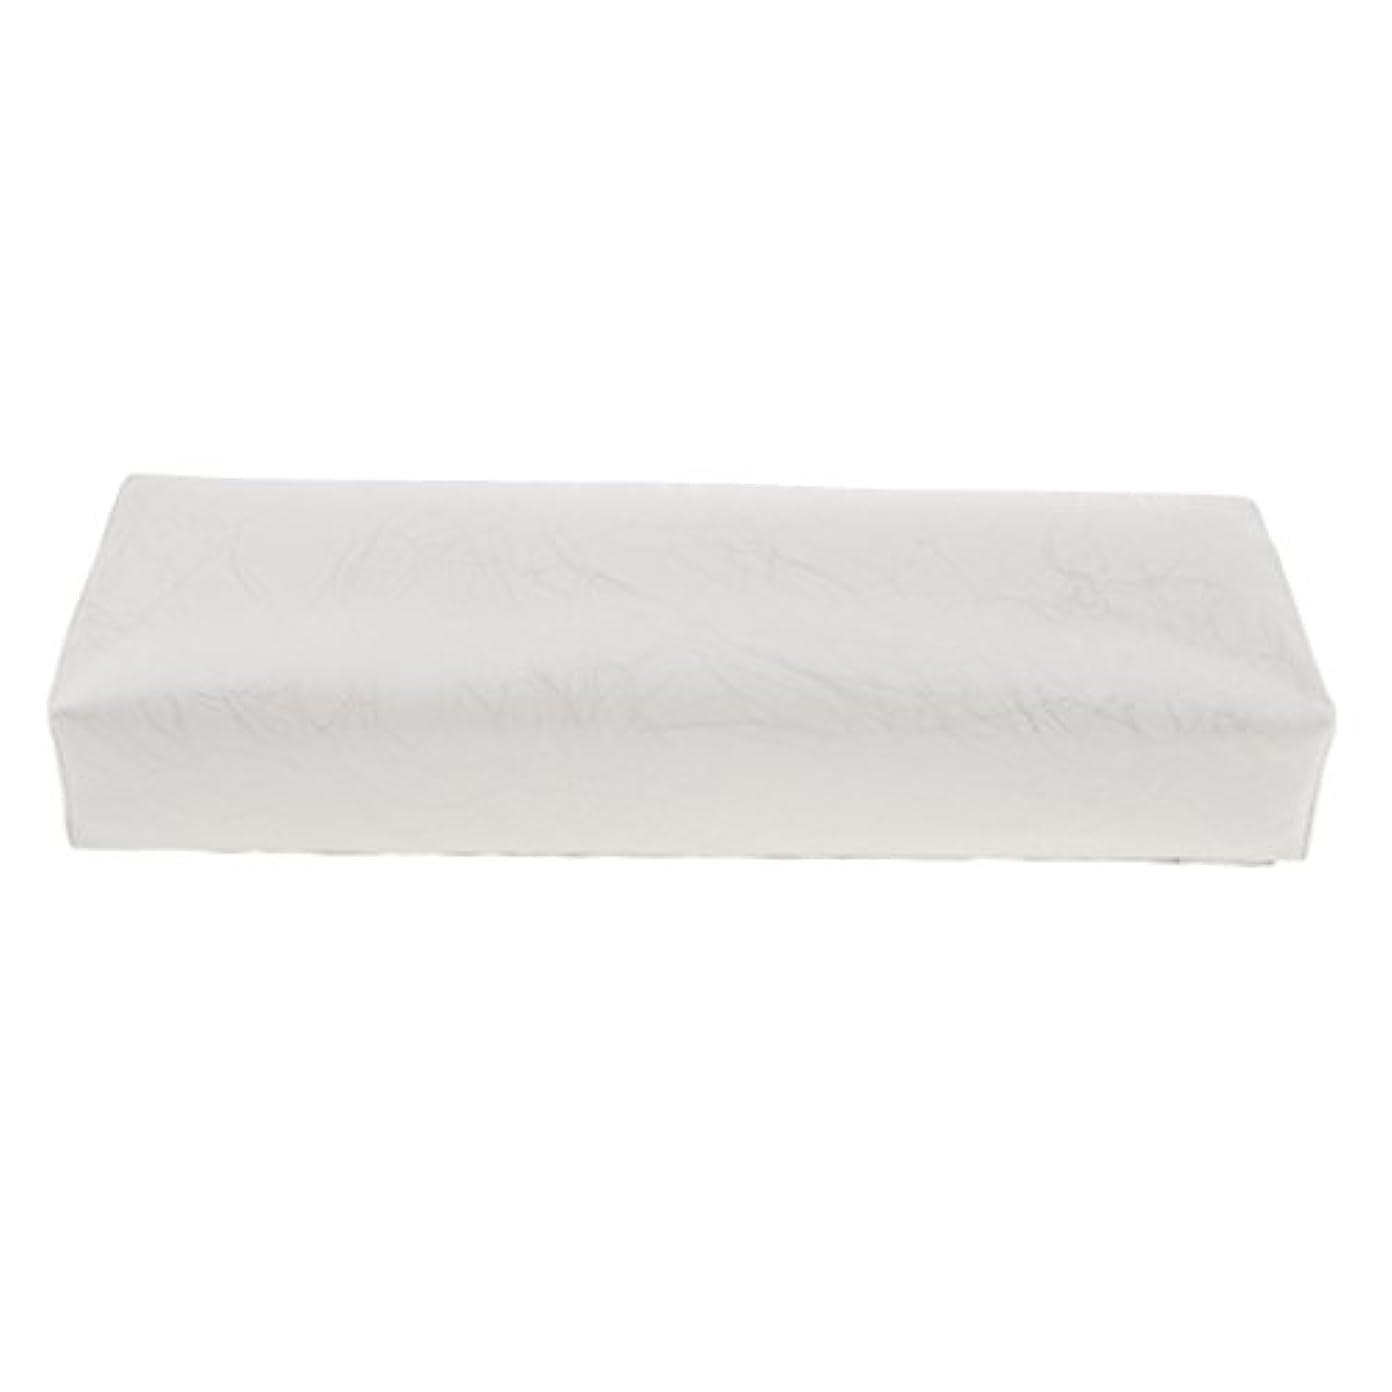 リファイン解読する名誉あるHomyl ハンドピロー ネイルアートピロー アームレストクッション ネイルアート デザイン ハンドレスト 全4色 - 白